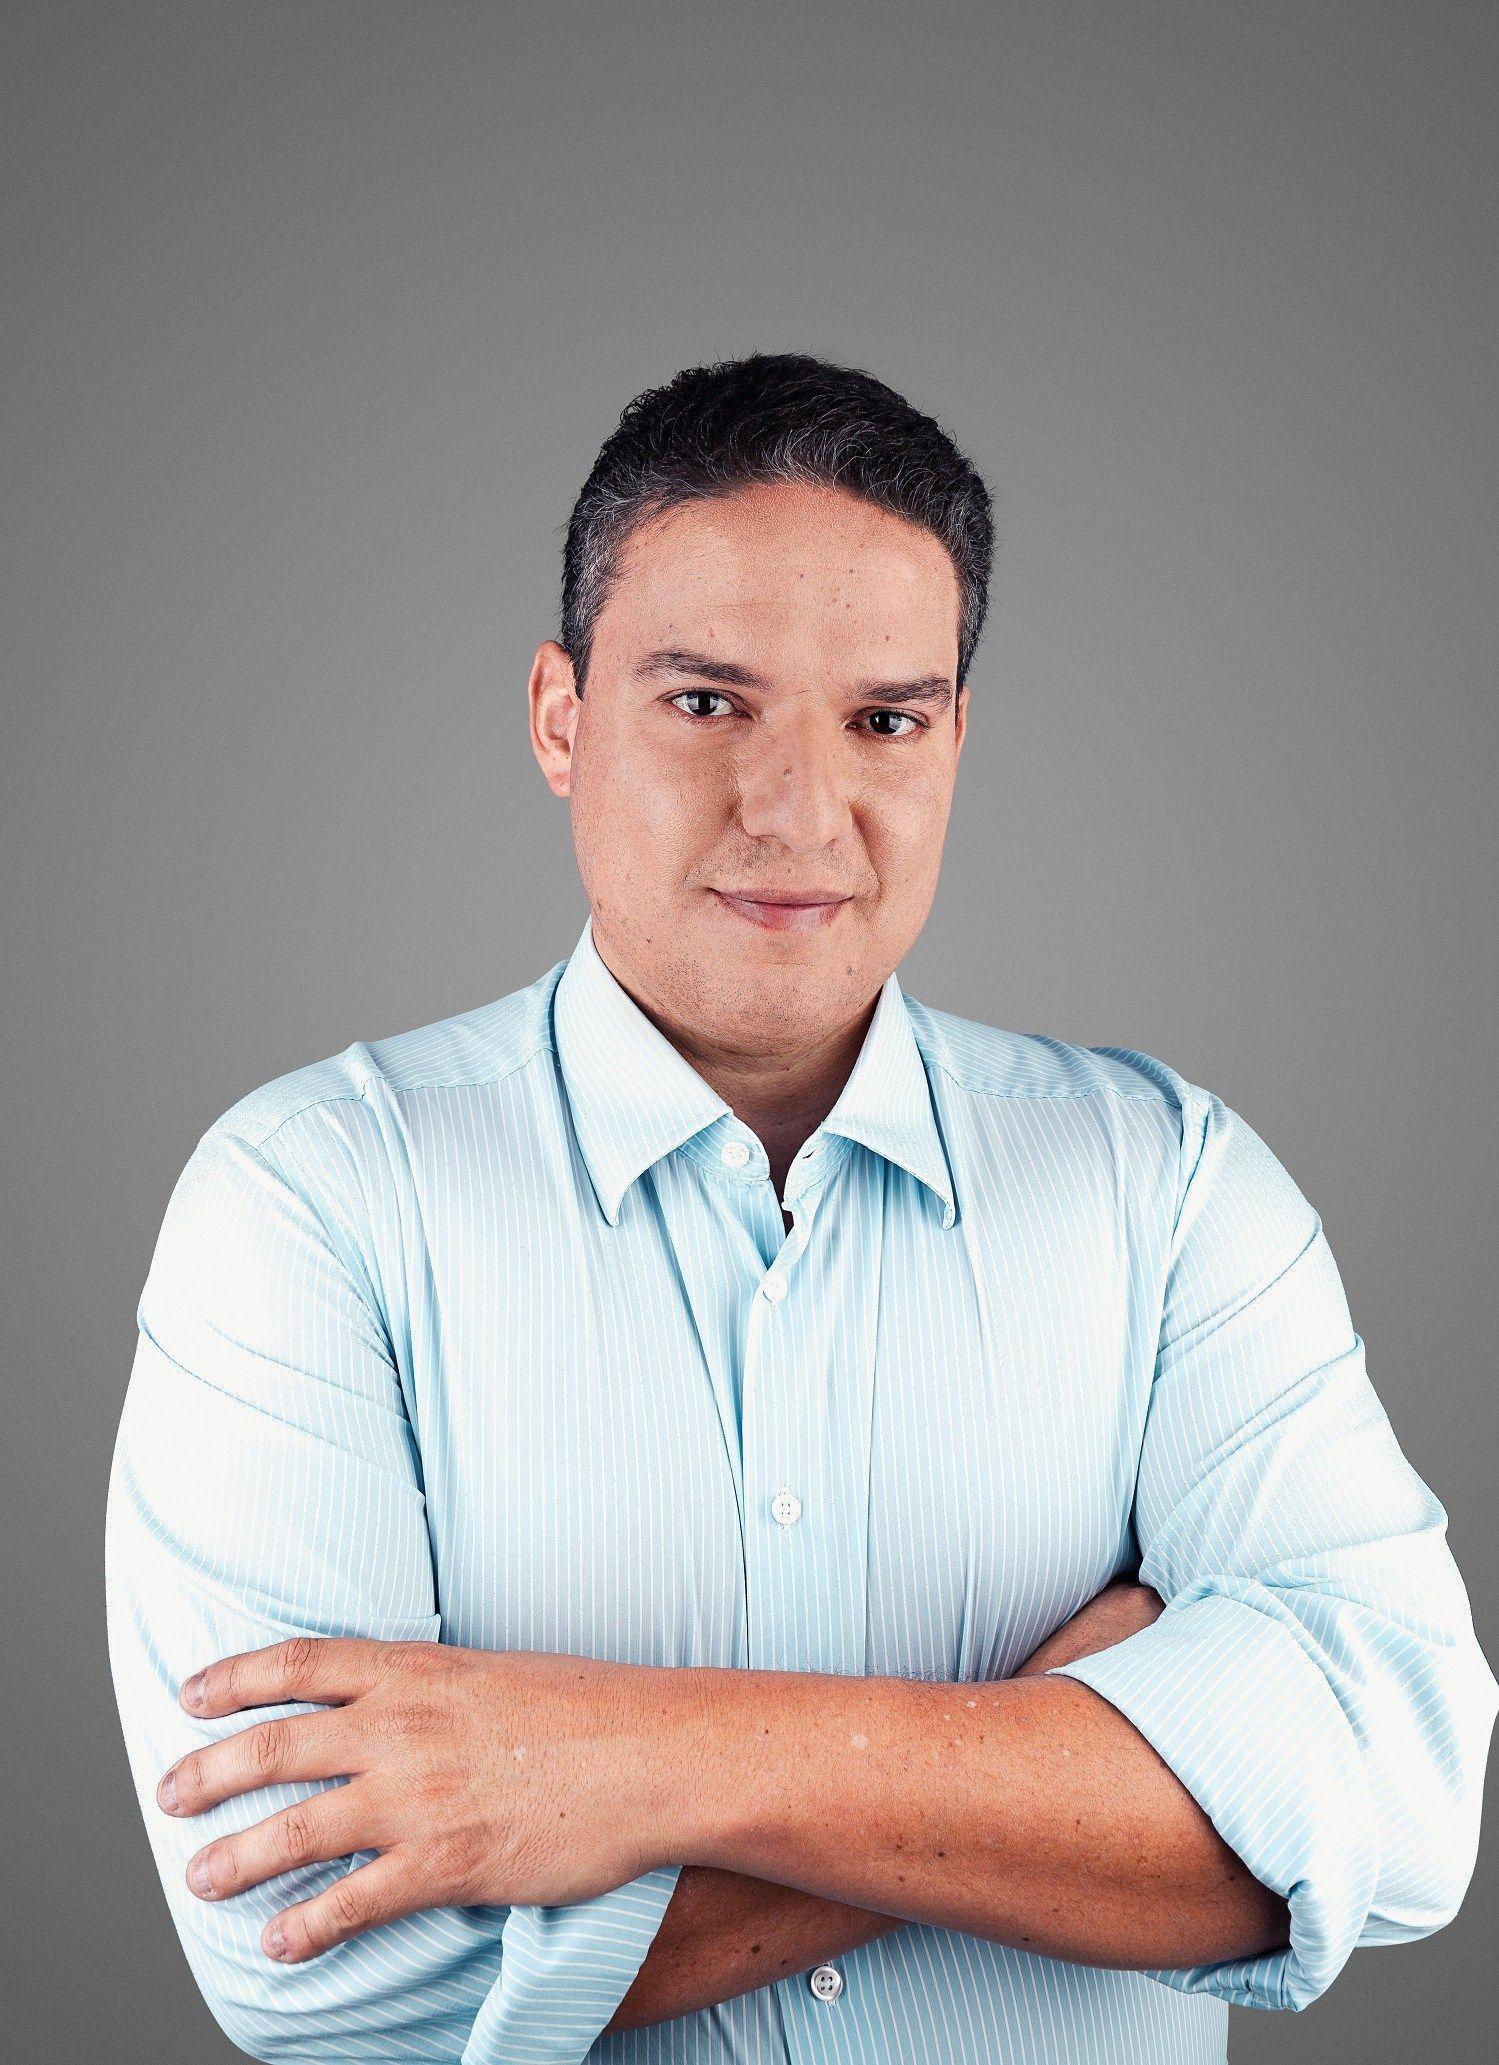 Francisco Milagres é fundador da Mirach, co-fundador e conselheiro do SingularityU Brasil Summit, consultor, instrutor e embaixador da OpenExO. Foto: divulgação.